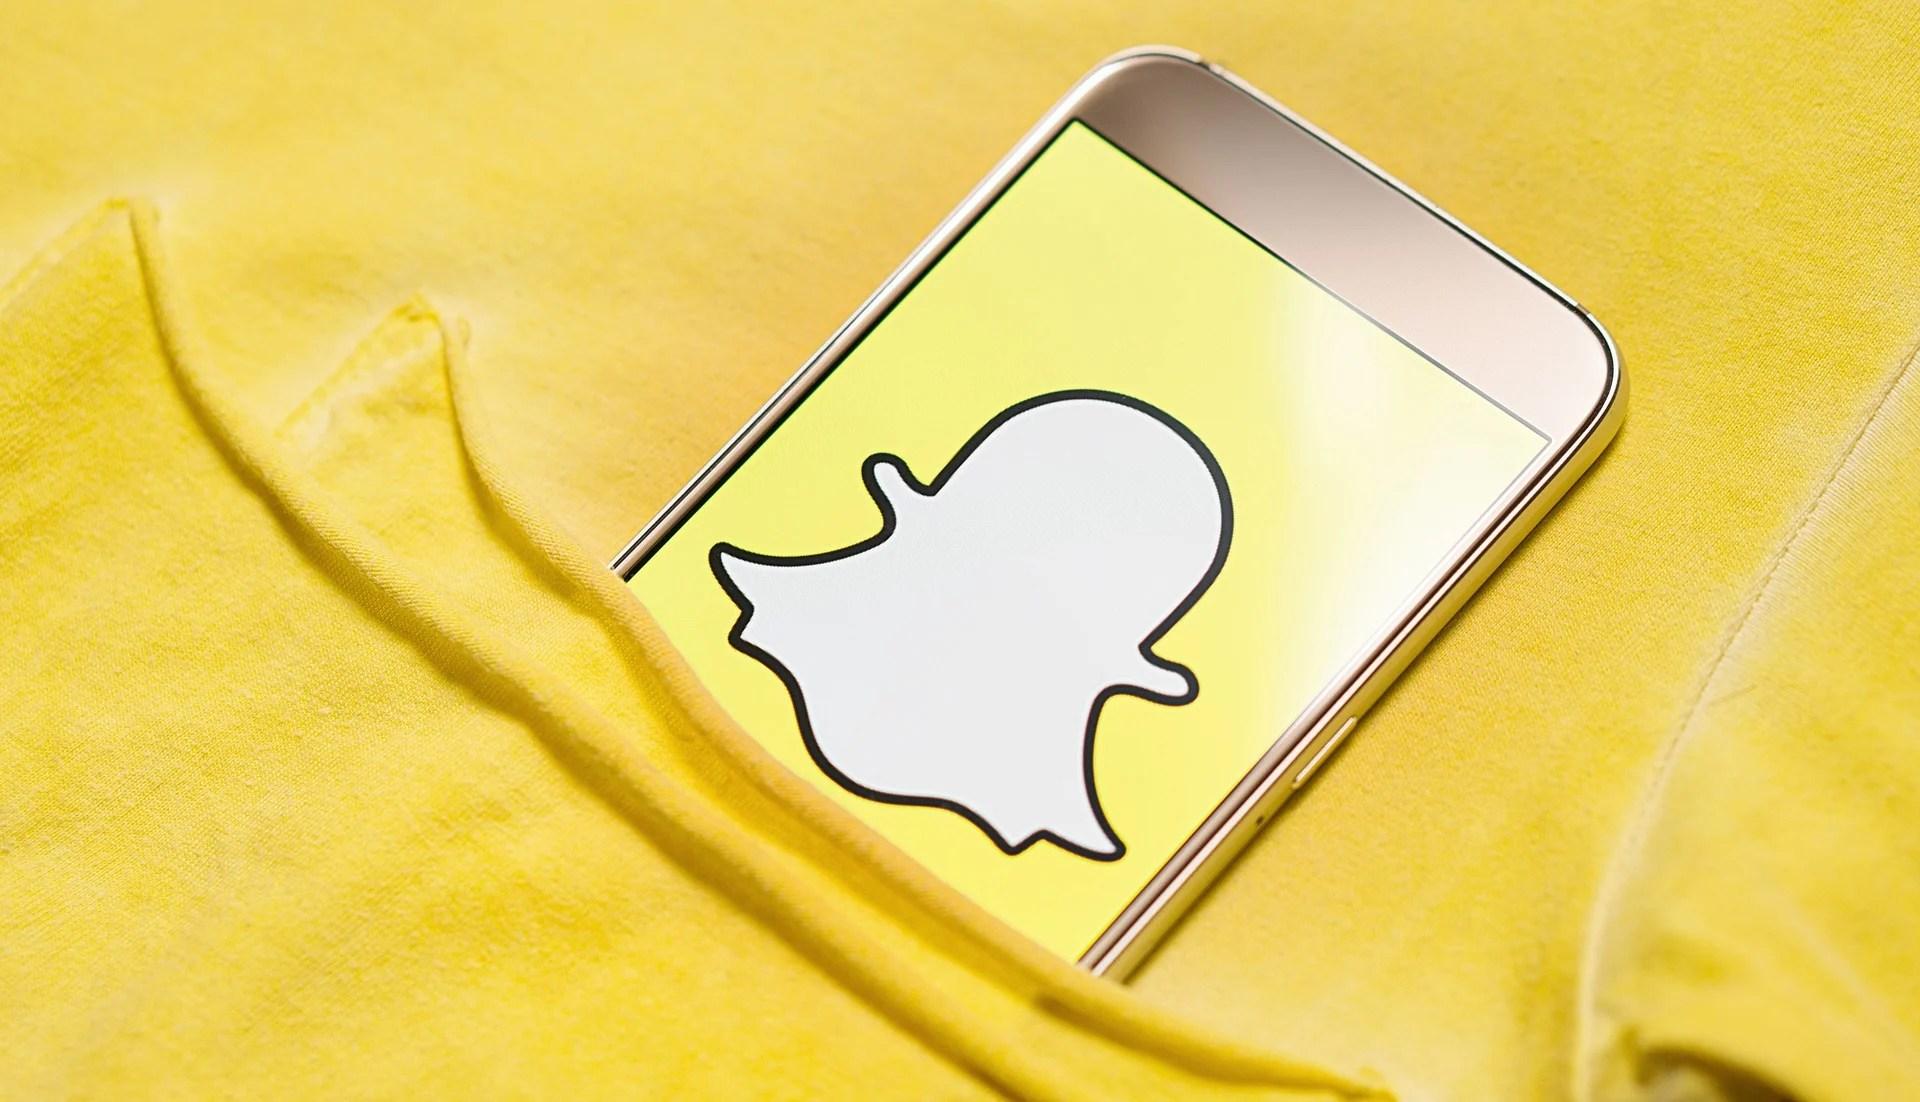 Face à 1,2 million d'utilisateurs contrariés, Snapchat promet de petites concessions